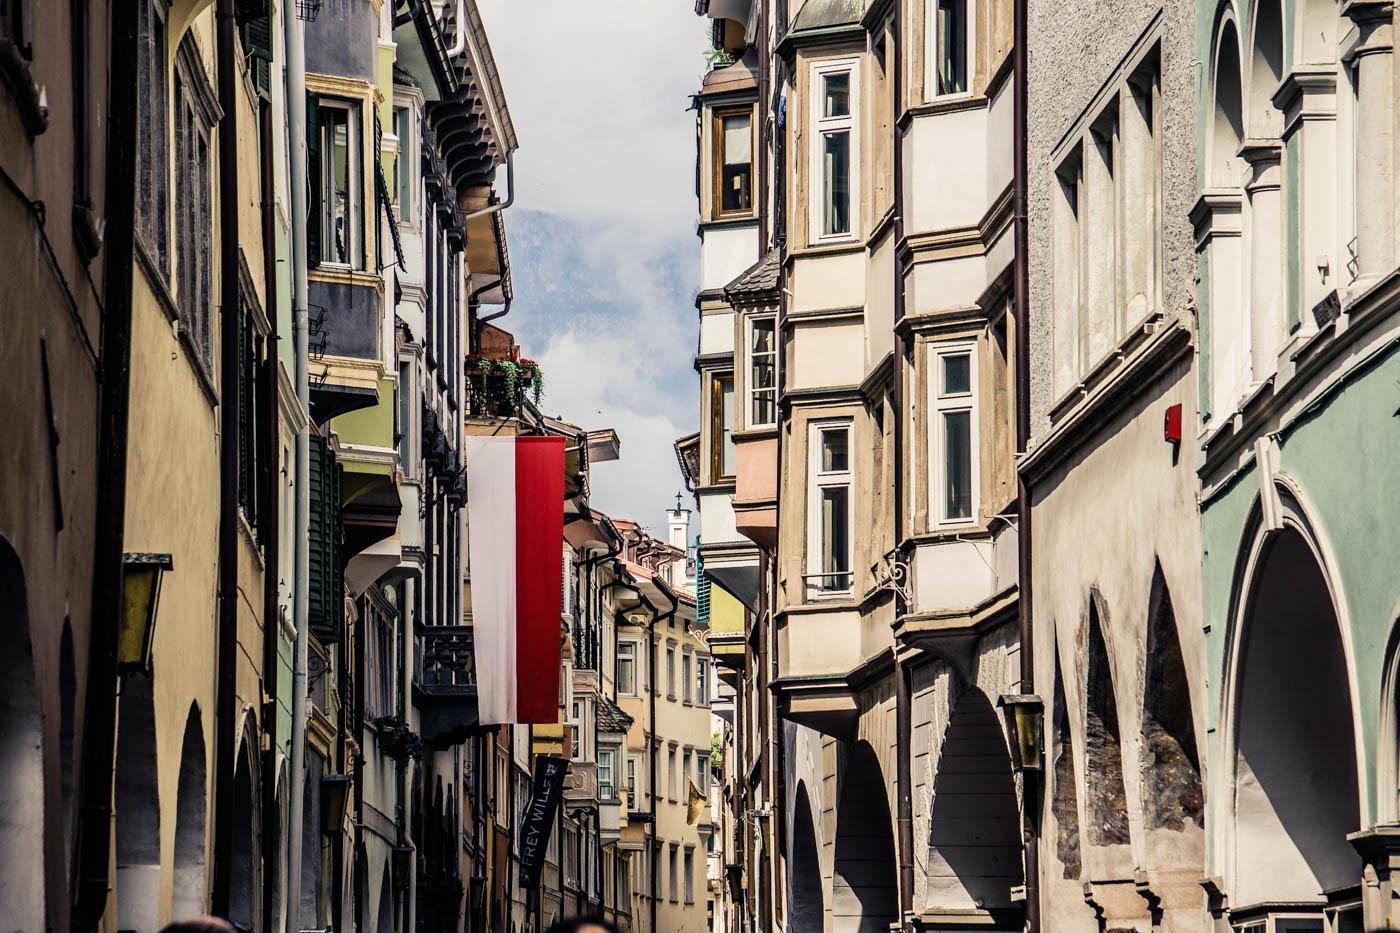 Bozen - Bolzano